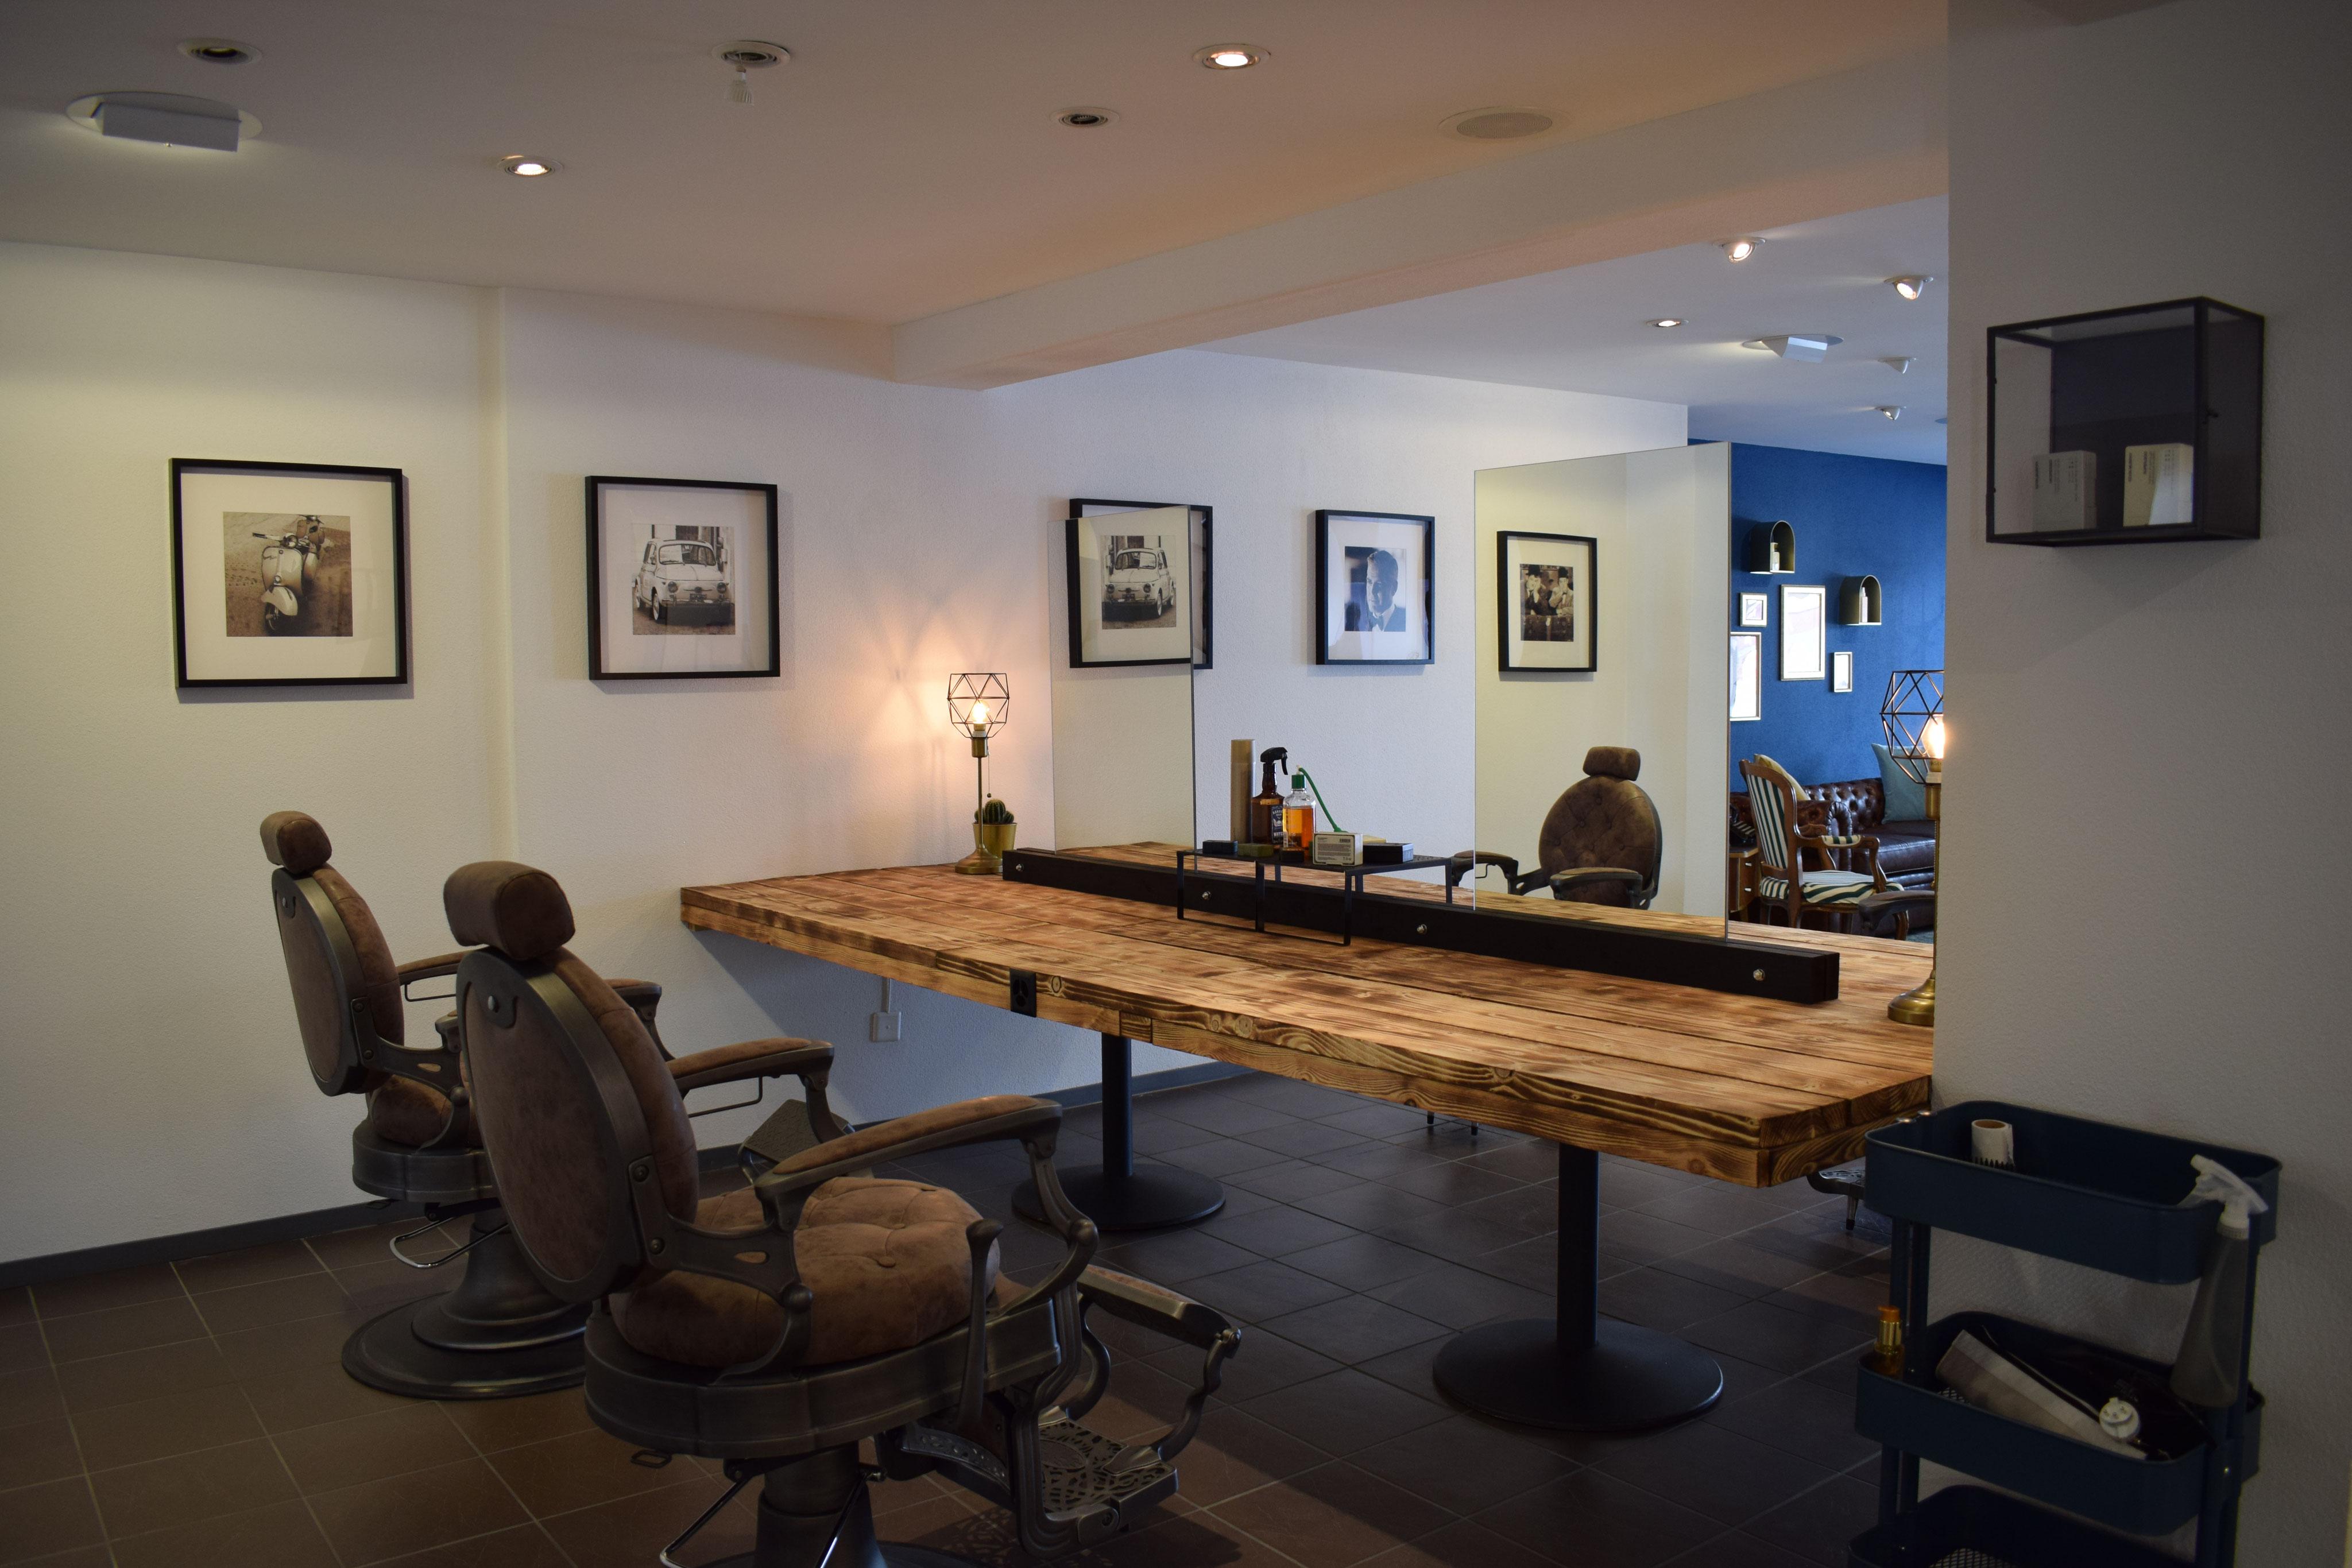 Und das ist er, unser Salon! - 1525285755s Webseite!